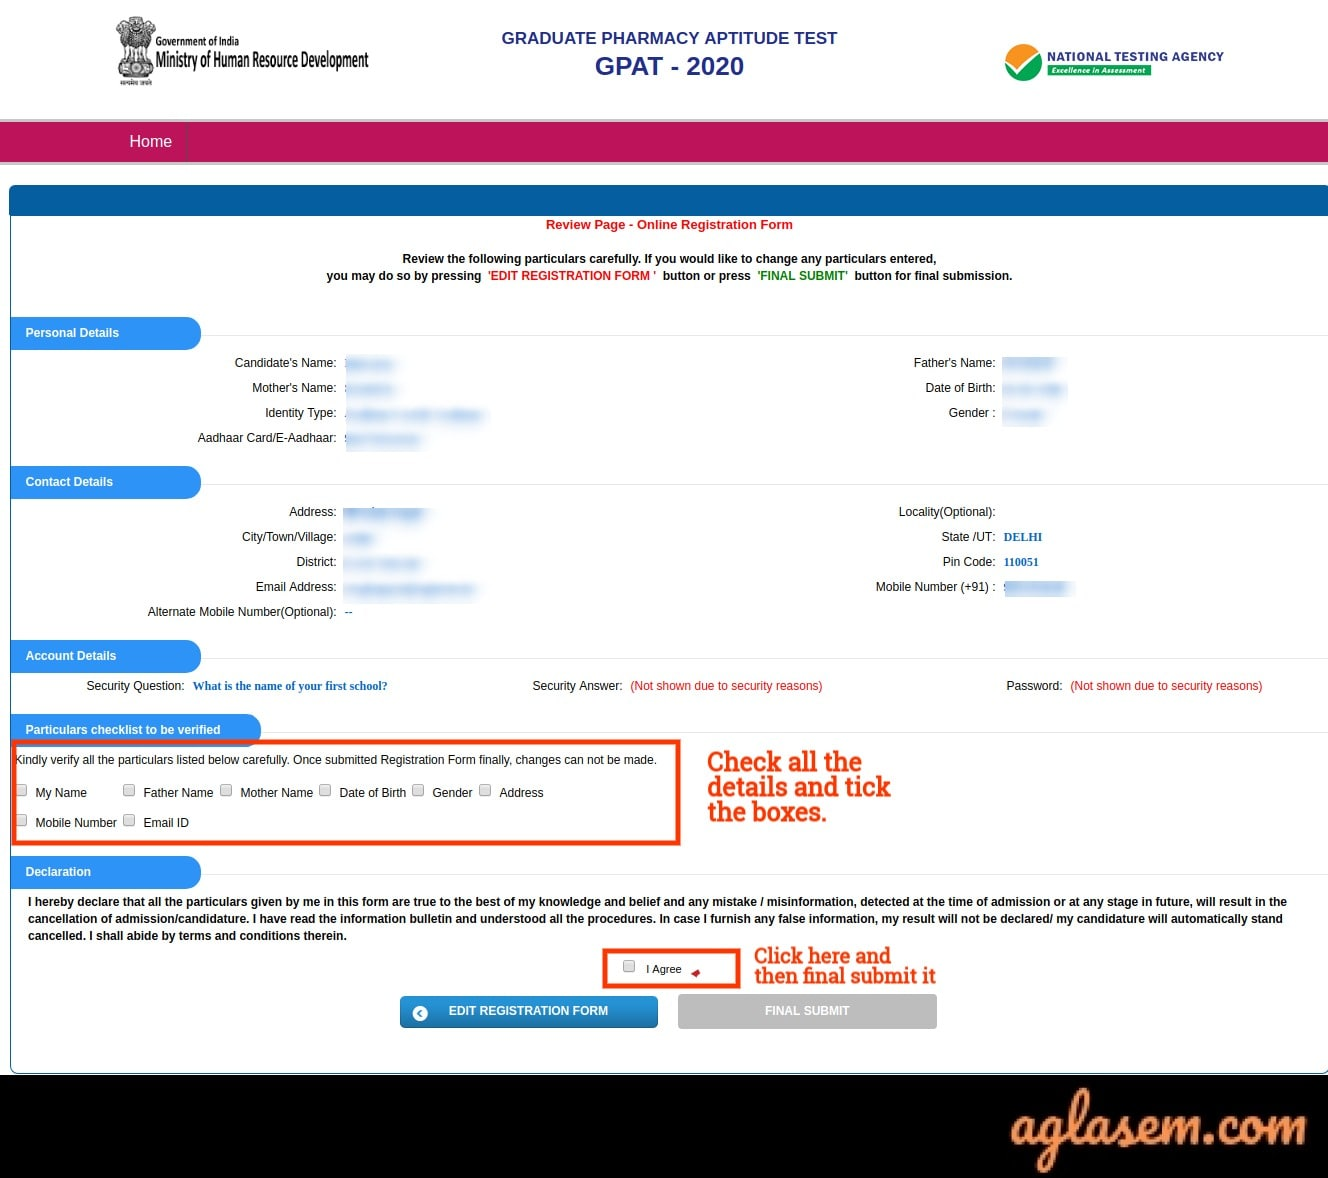 GPAT Registration 2021 GPAT Registration 2021 - Fill Application Form at gpat.nta.nic.in